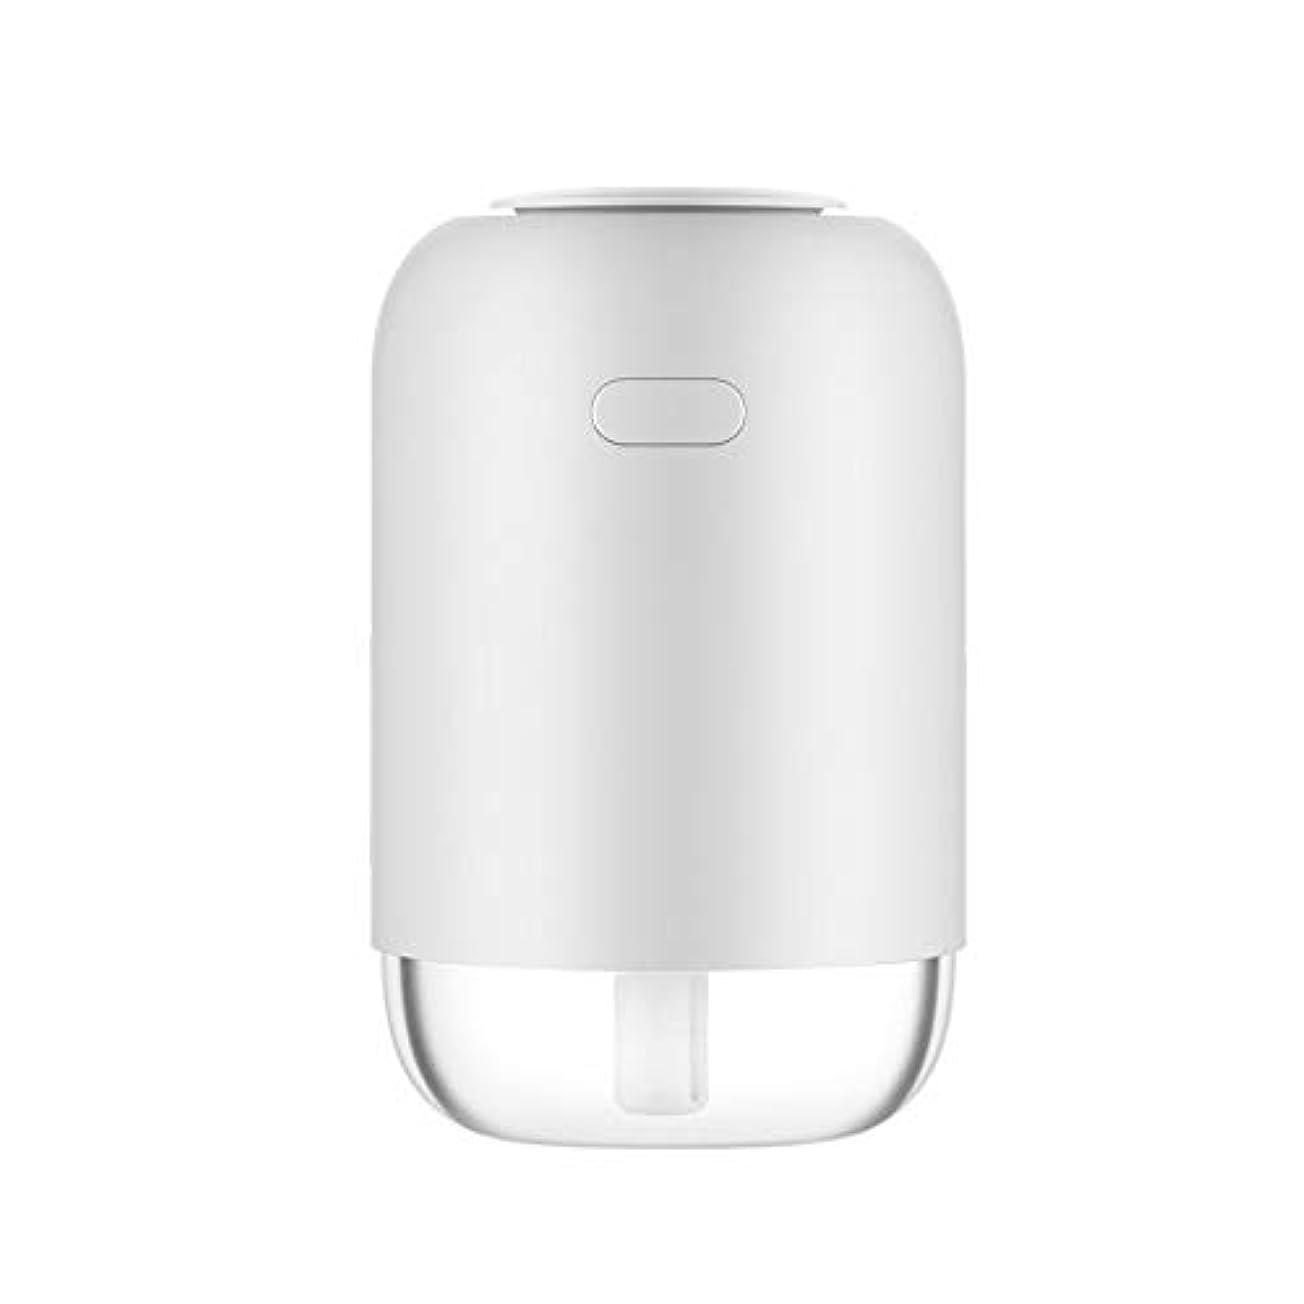 未使用スリットせっかちフェイスケア 美容器 TJK USB加湿器 卓上USB加湿器 車載加湿器 ペットボトル型 300ML容量 アロマディフューザー 補水美顔器 8-10時間 空焚き防止機能付き(ホワイト)